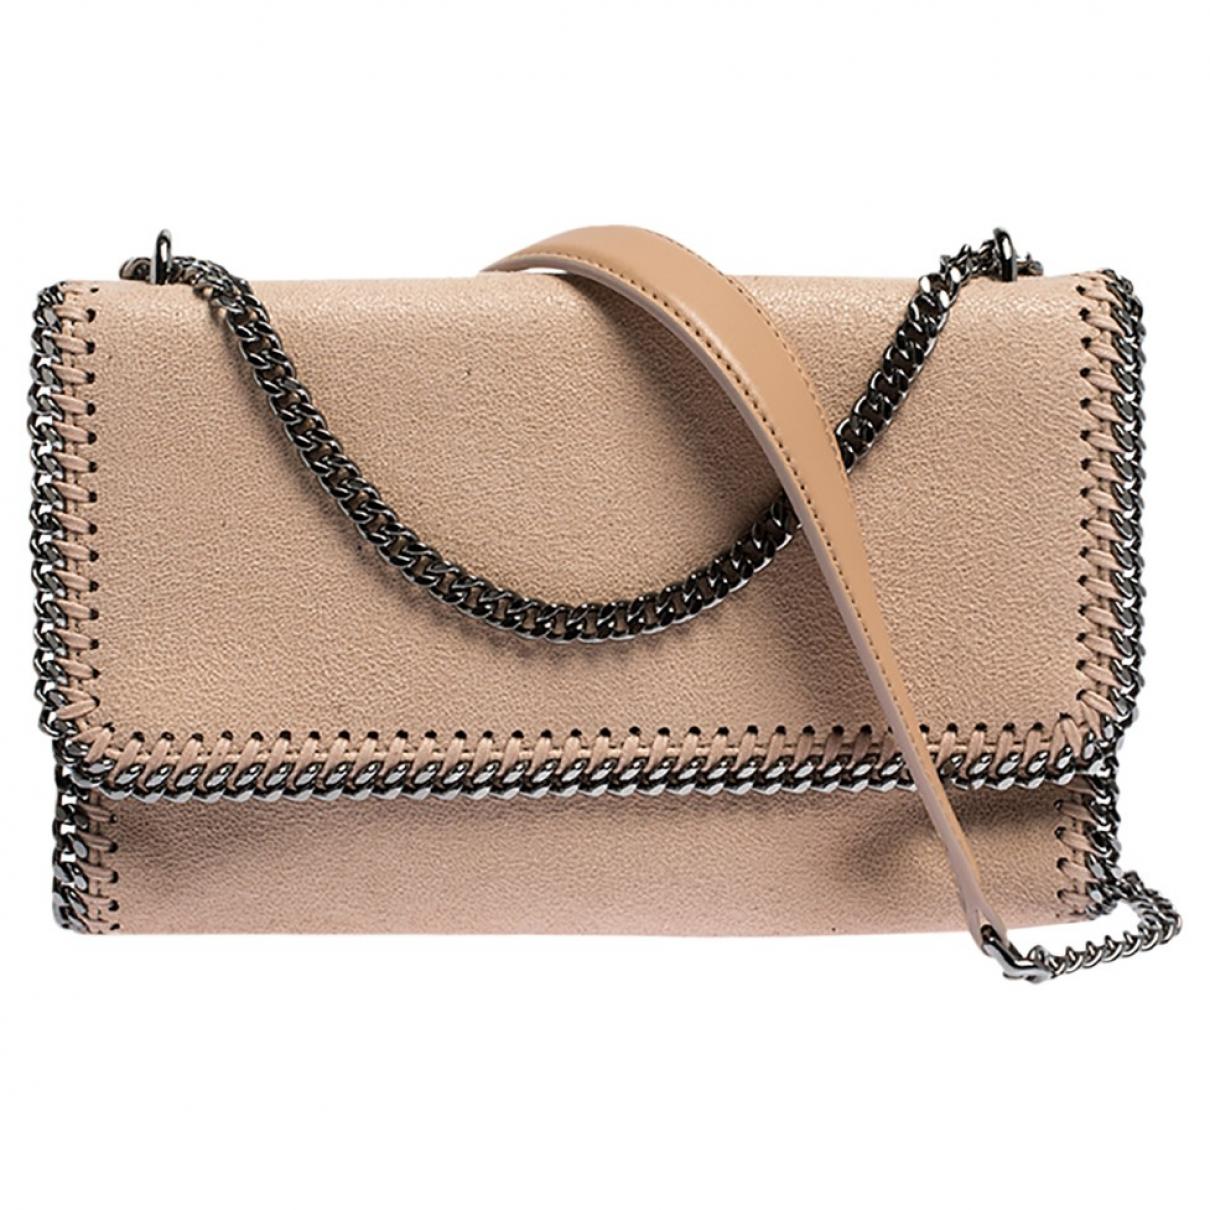 Stella Mccartney Falabella Beige Cloth handbag for Women \N